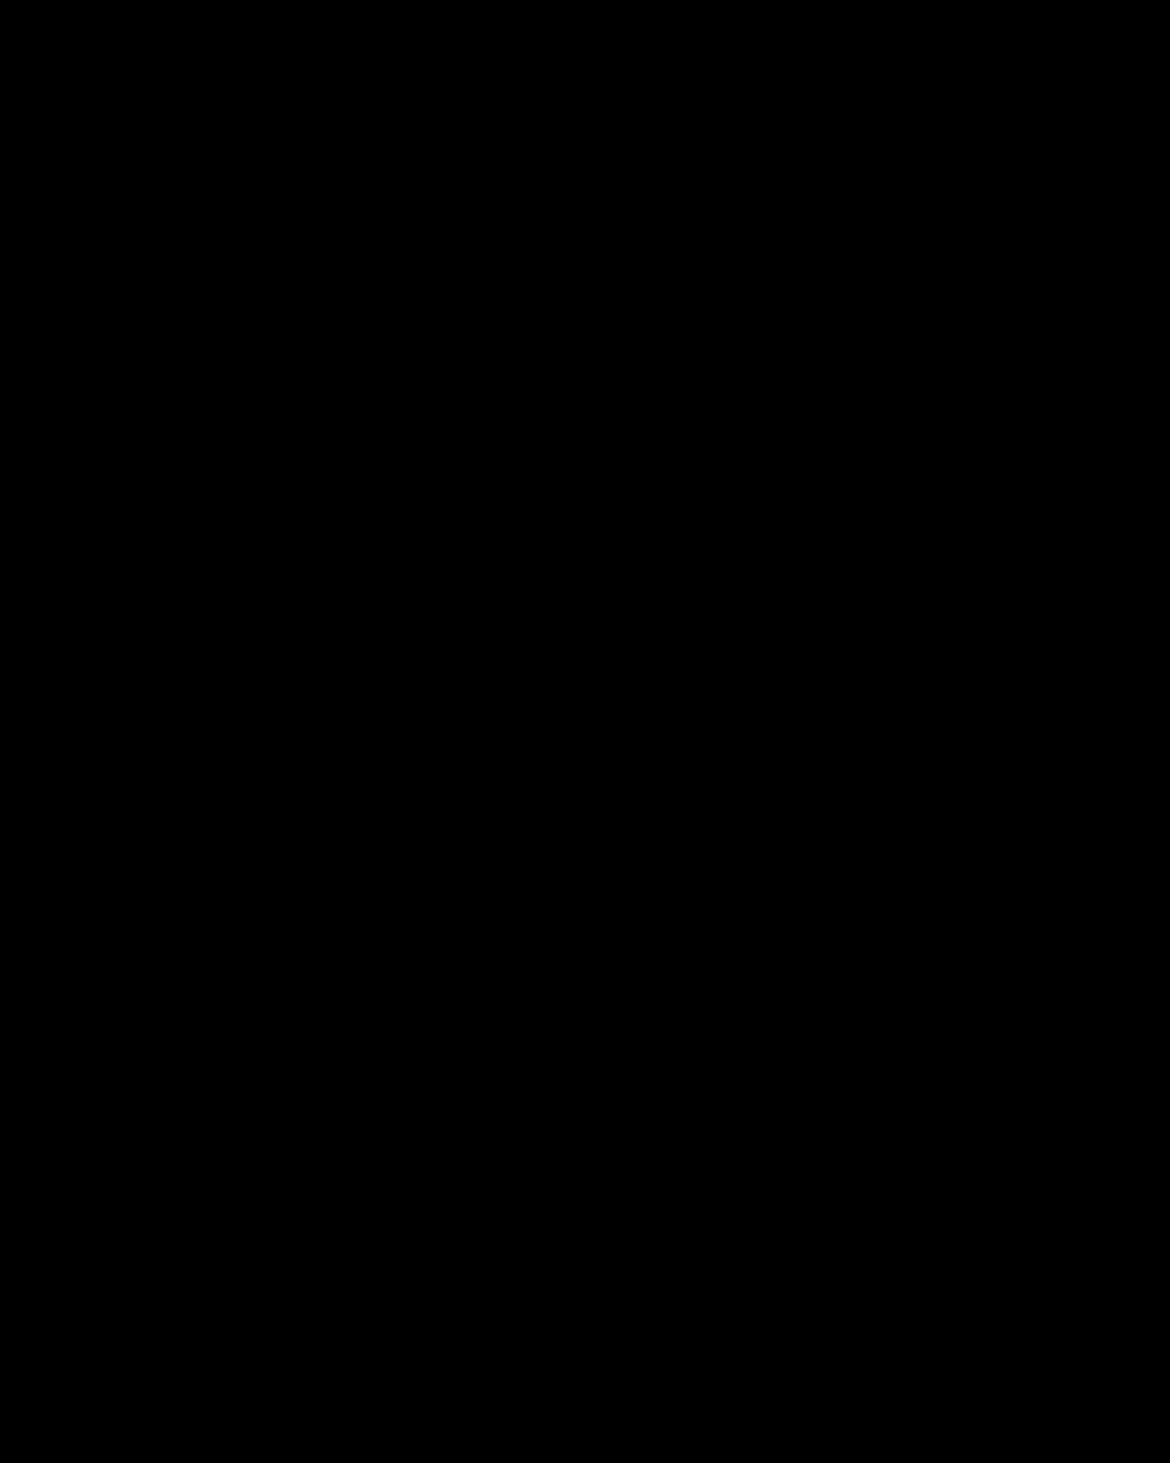 Una settimana in Giappone - Il mio itinerario by Laura Comolli - Snoopy Tea Room, Yufuin, Prefettura di Oita